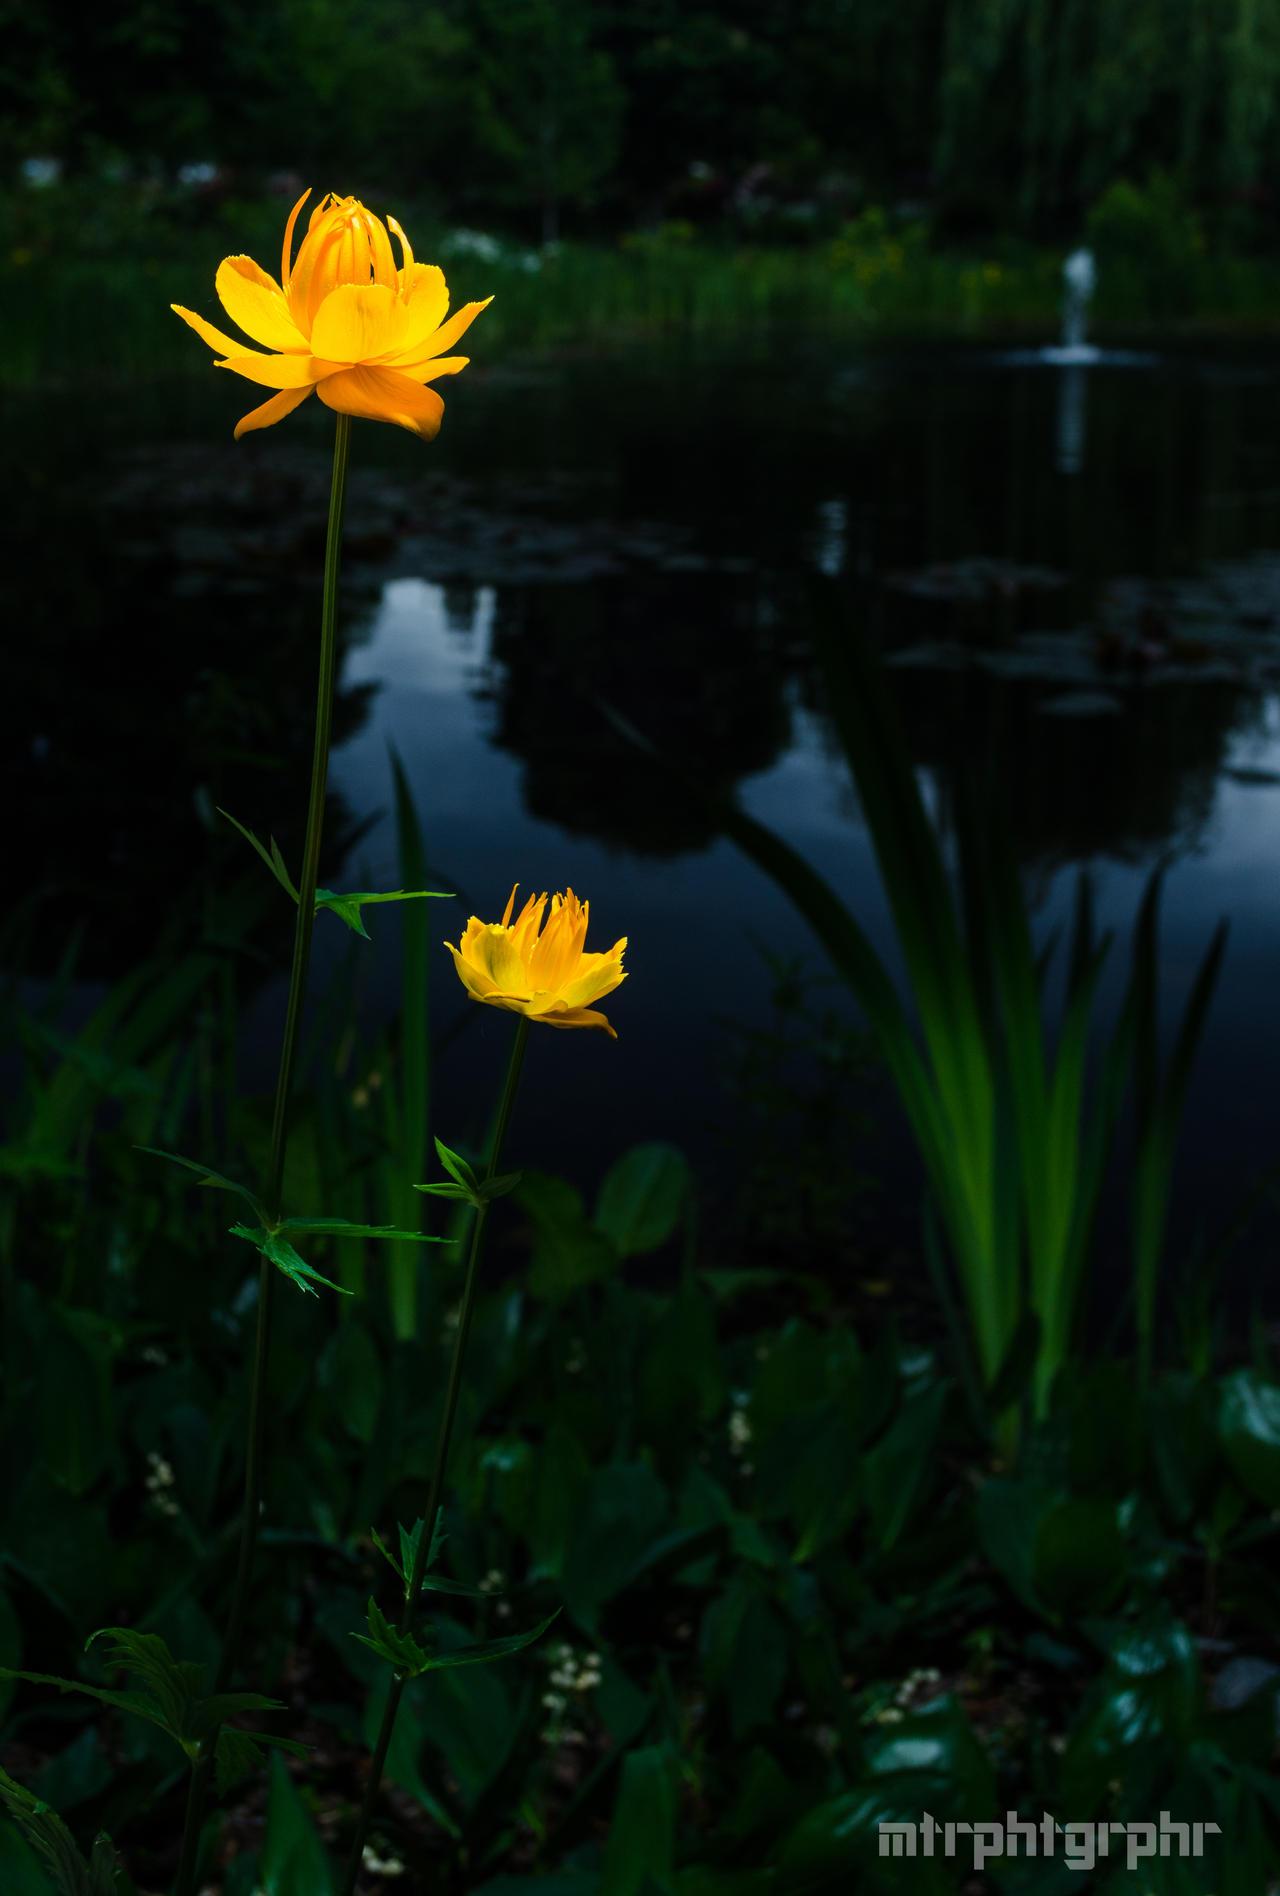 Linden Flower 3 by mtrphtgrphr on DeviantArt